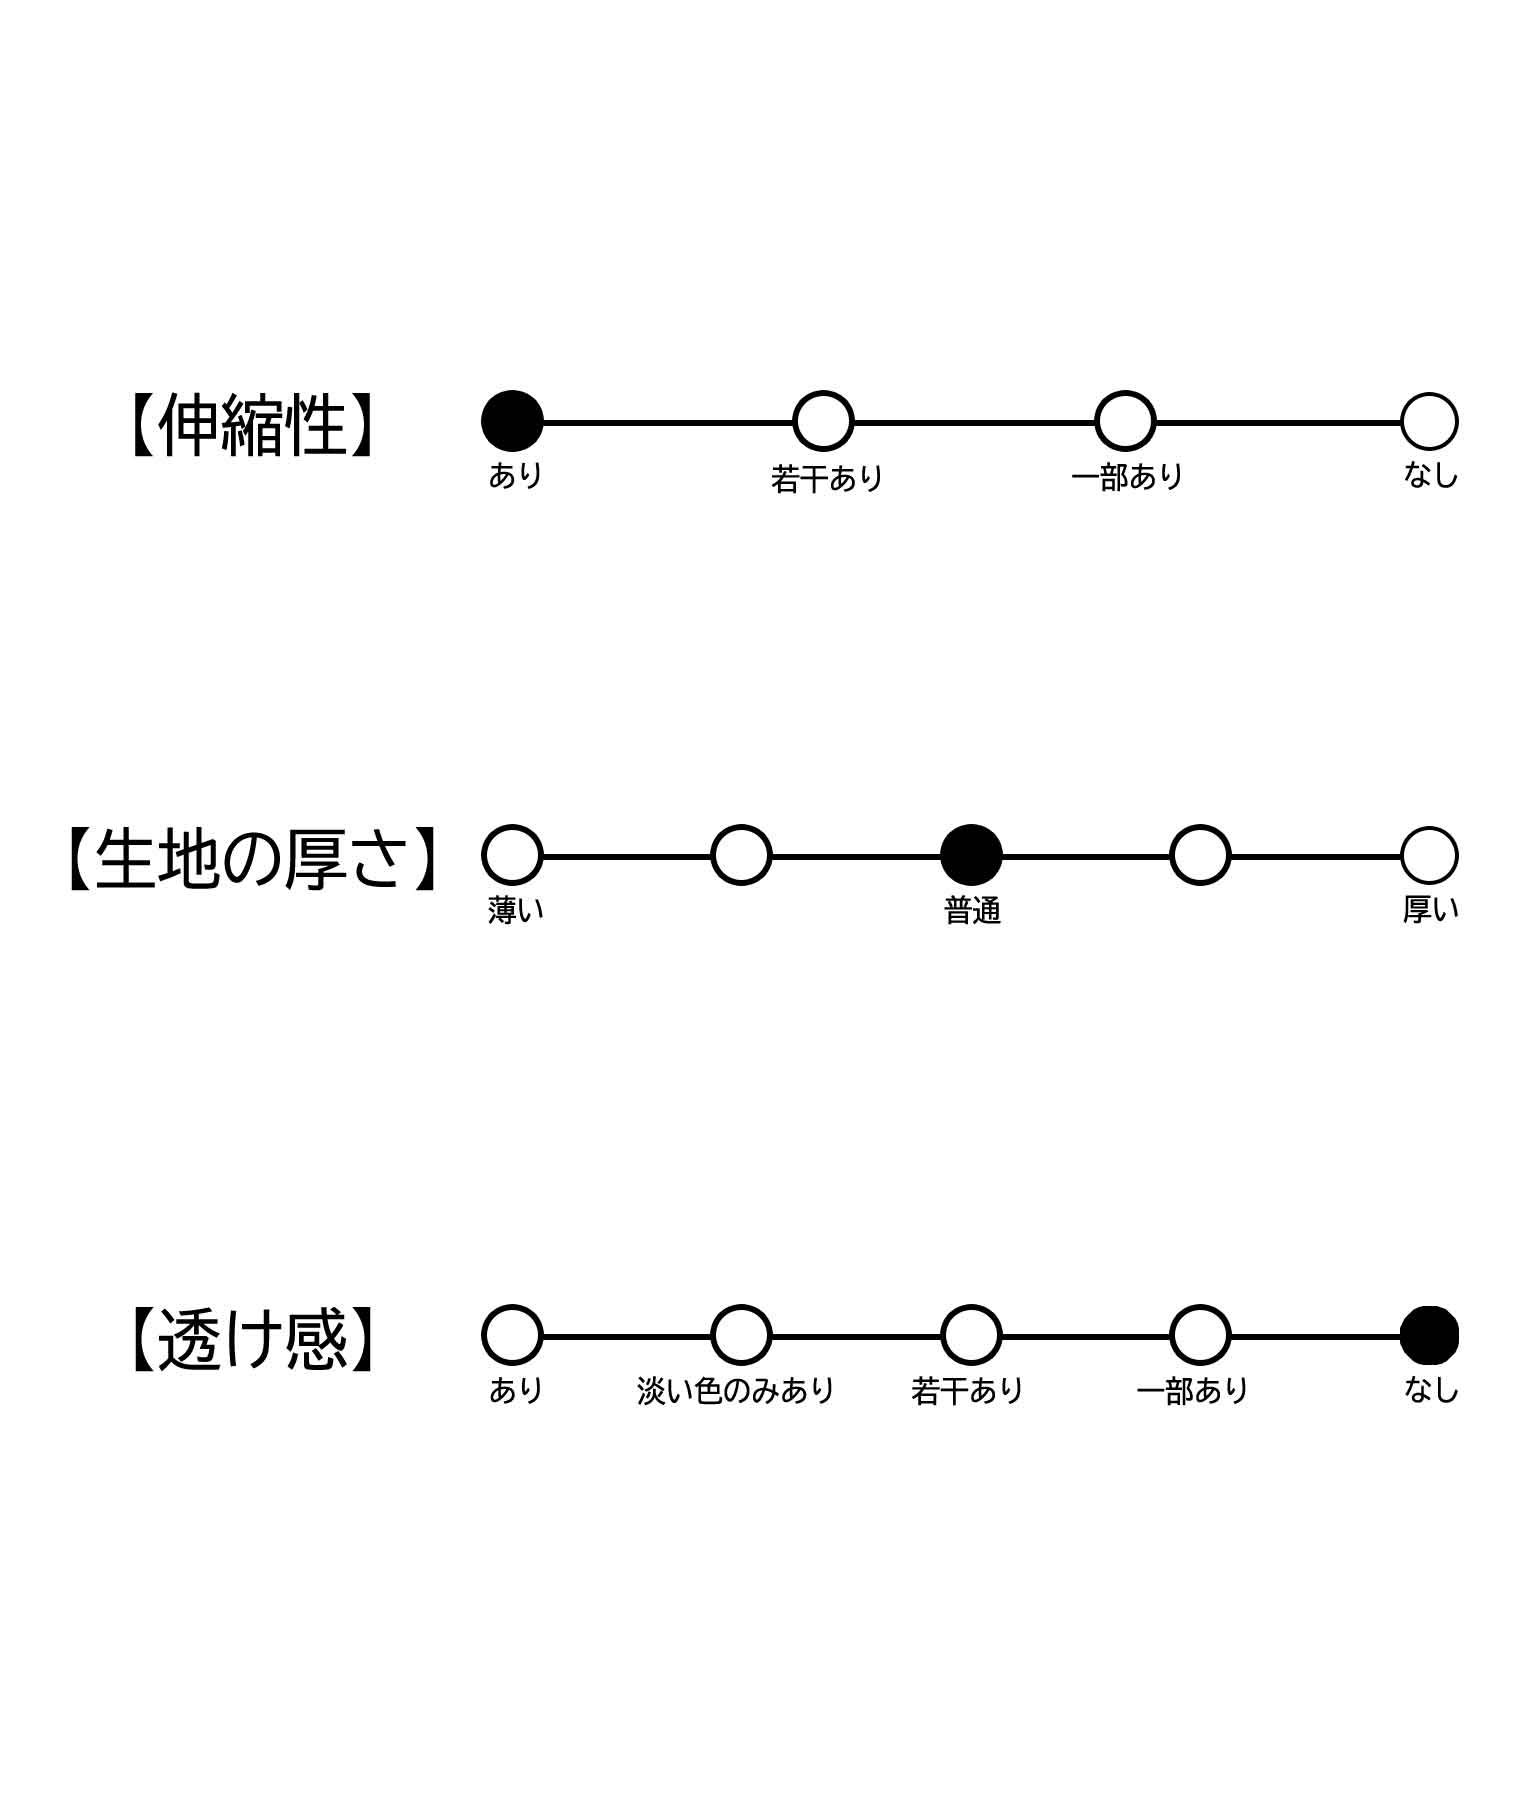 デニム×裏毛コンビフーディースウェット | ANAP